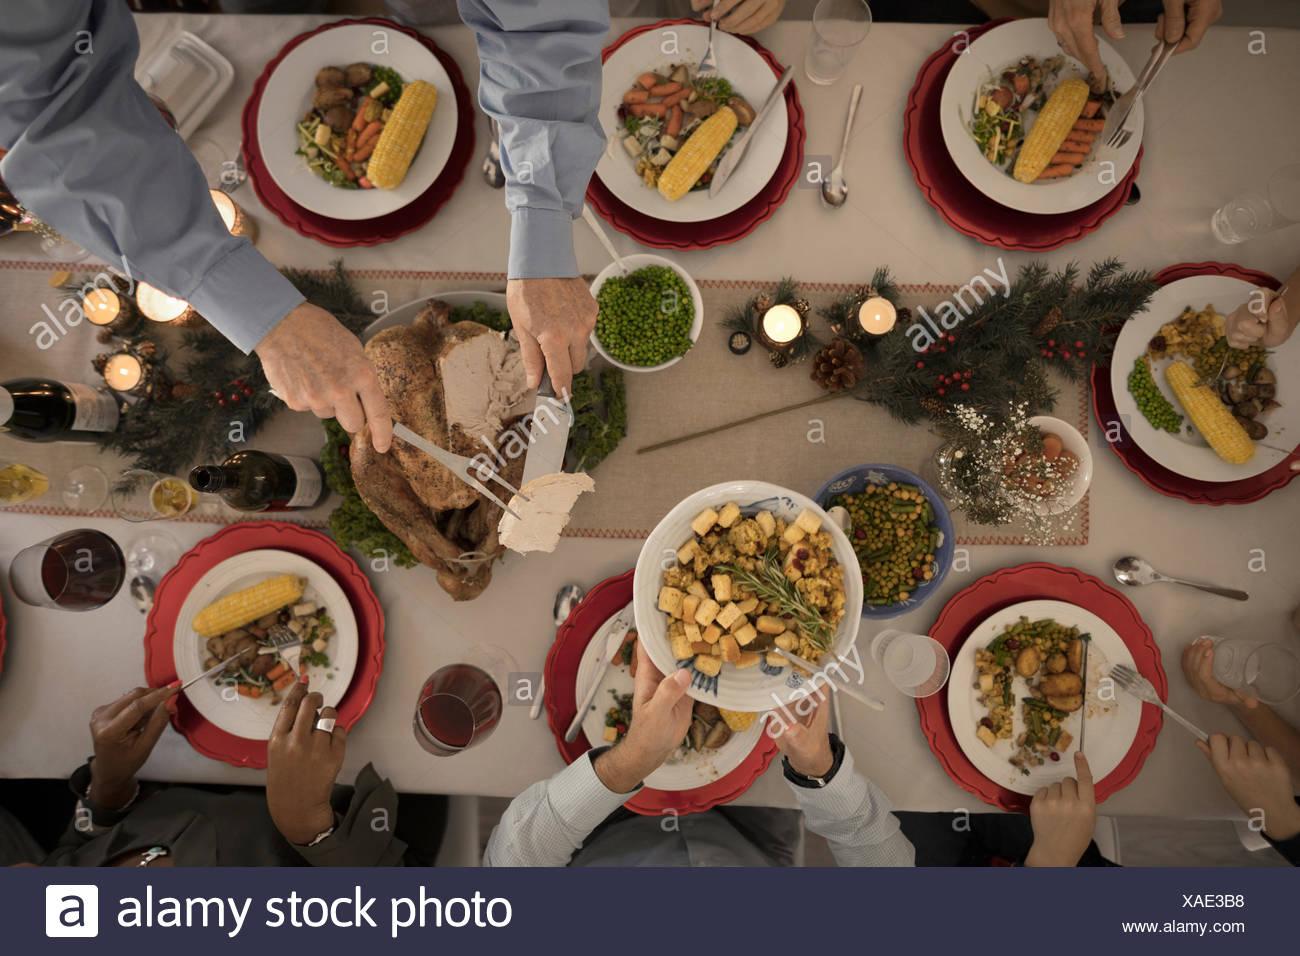 Vista aerea famiglia carving e servire la Turchia a cena di Natale tabella Immagini Stock